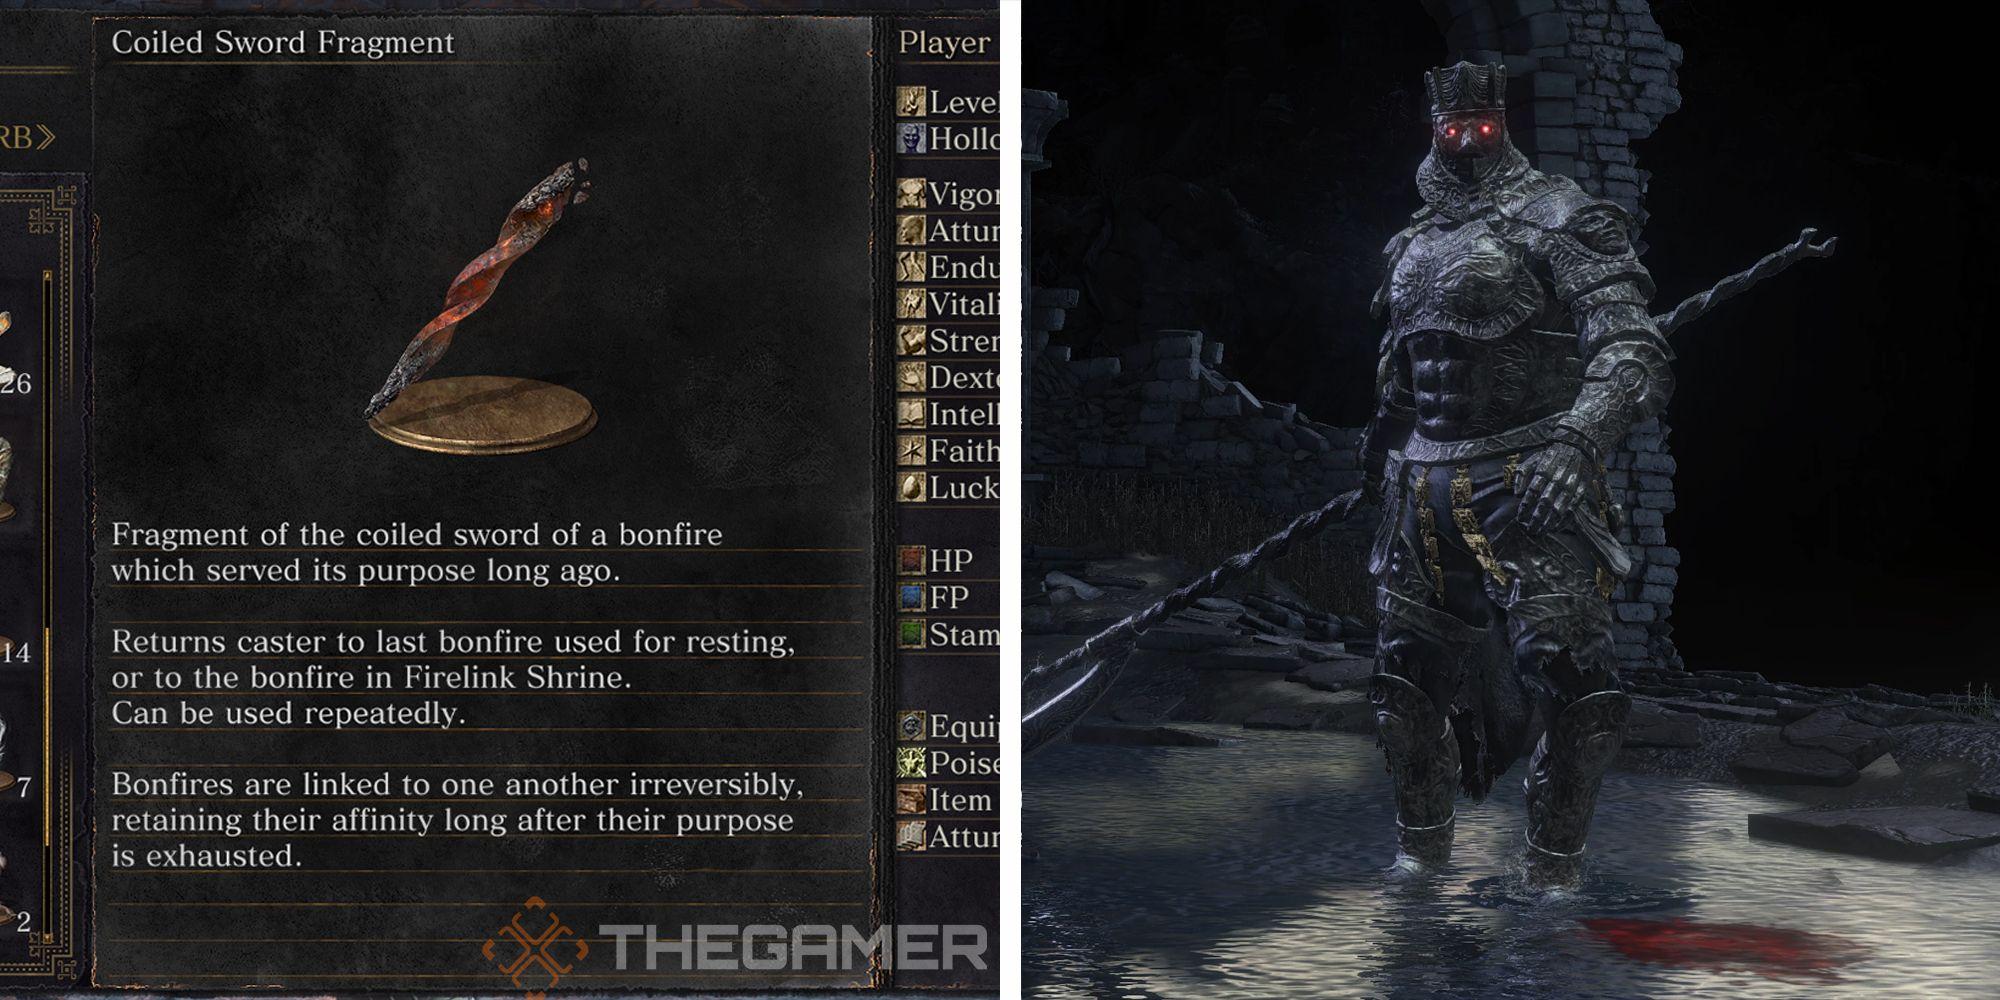 Dark Souls 3: Cómo encontrar el fragmento de espada enrollada